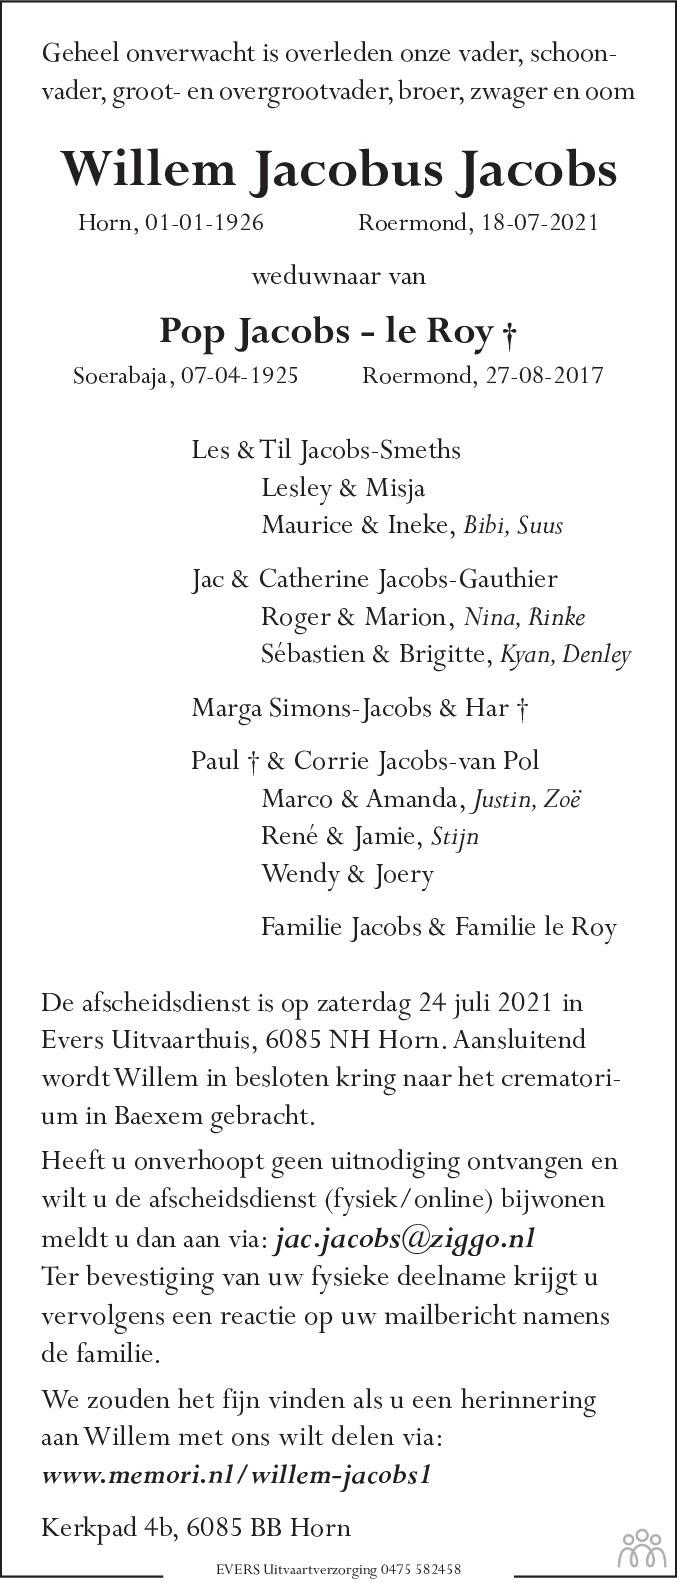 Overlijdensbericht van Willem Jacobus Jacobs in De Limburger